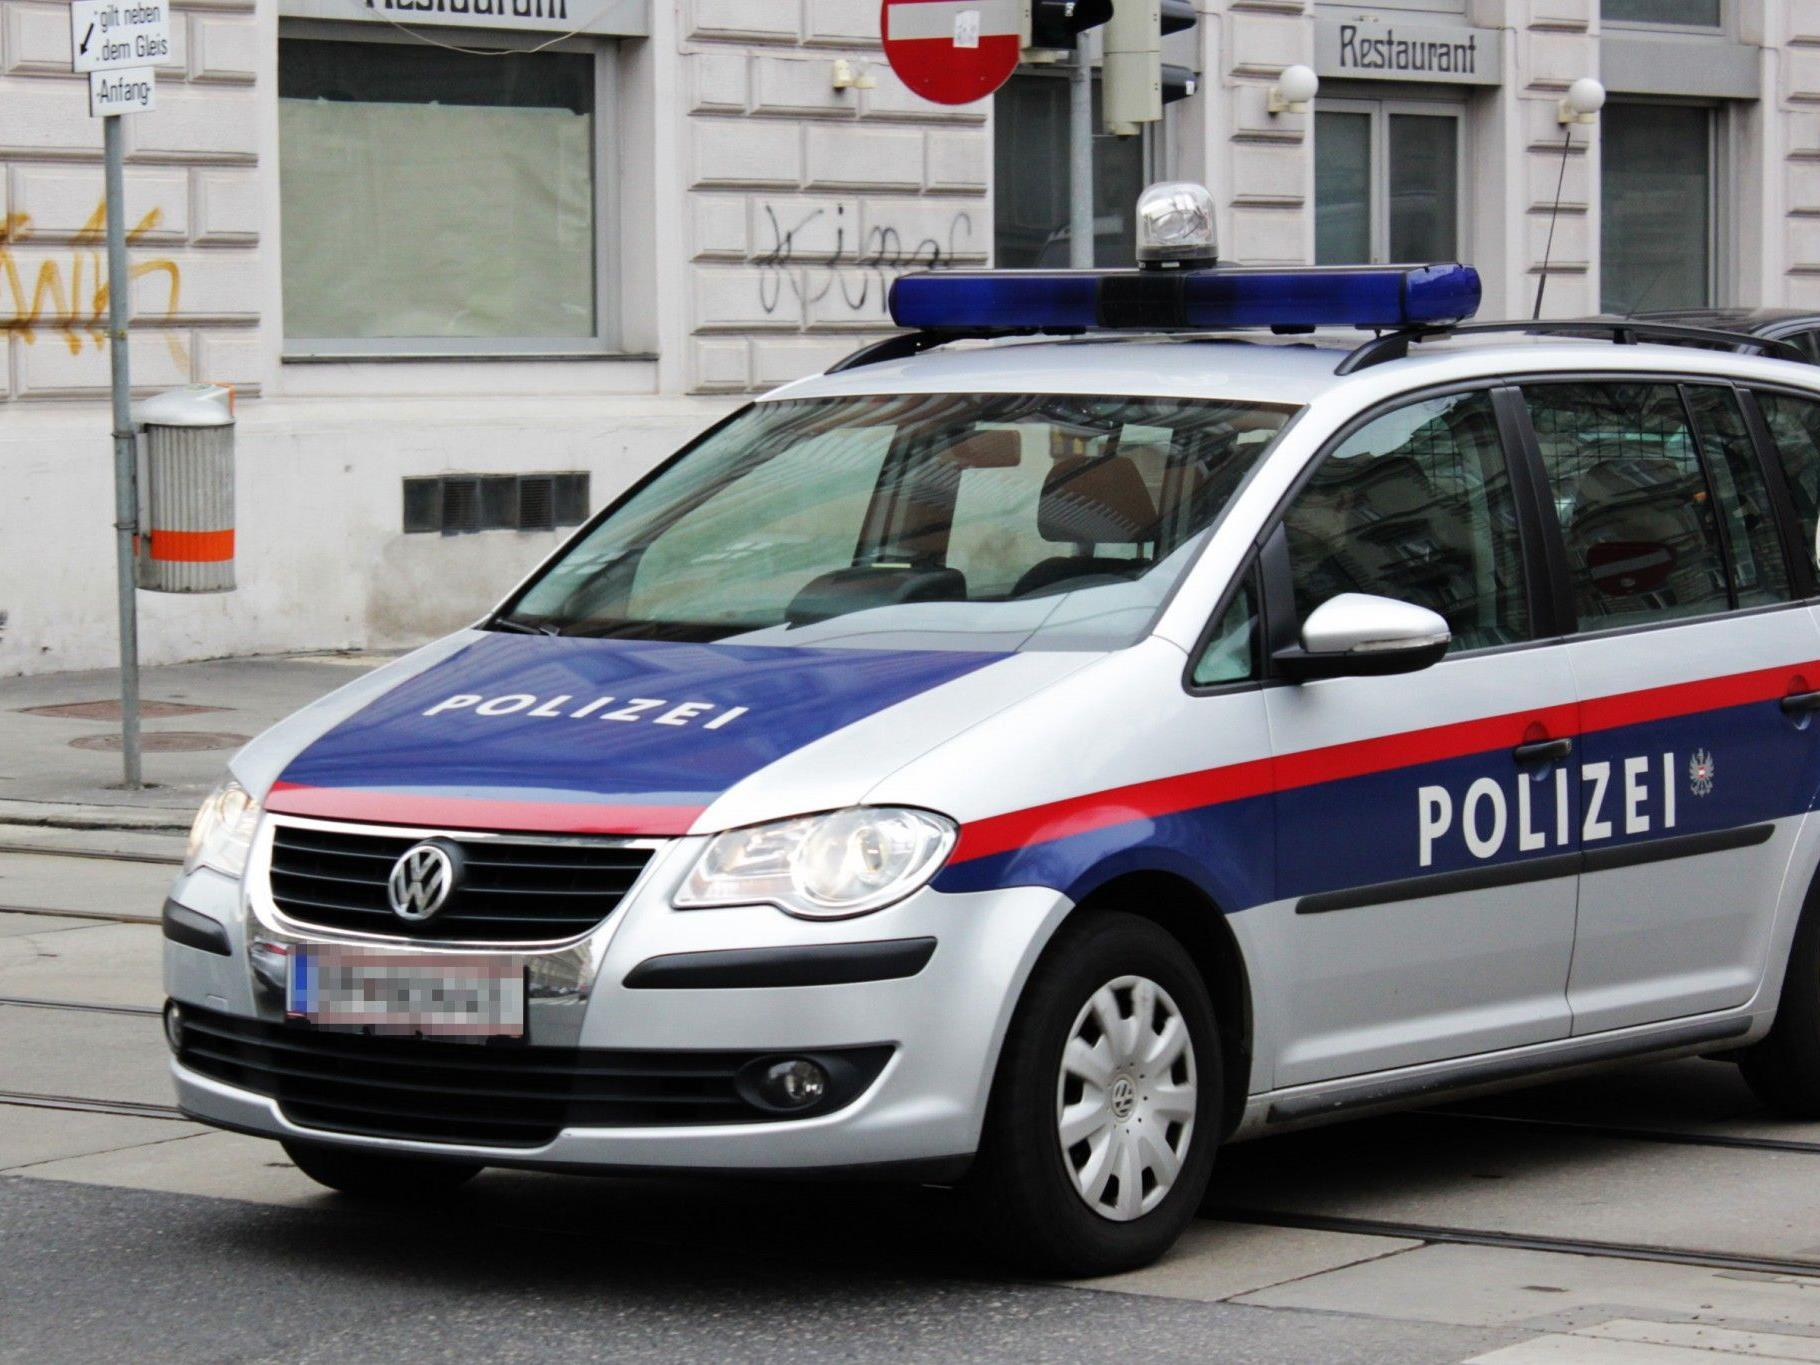 In Wien-Landstraße wurde eine Tankstelle überfallen, die fahndung war am Vormittag noch im Gange.